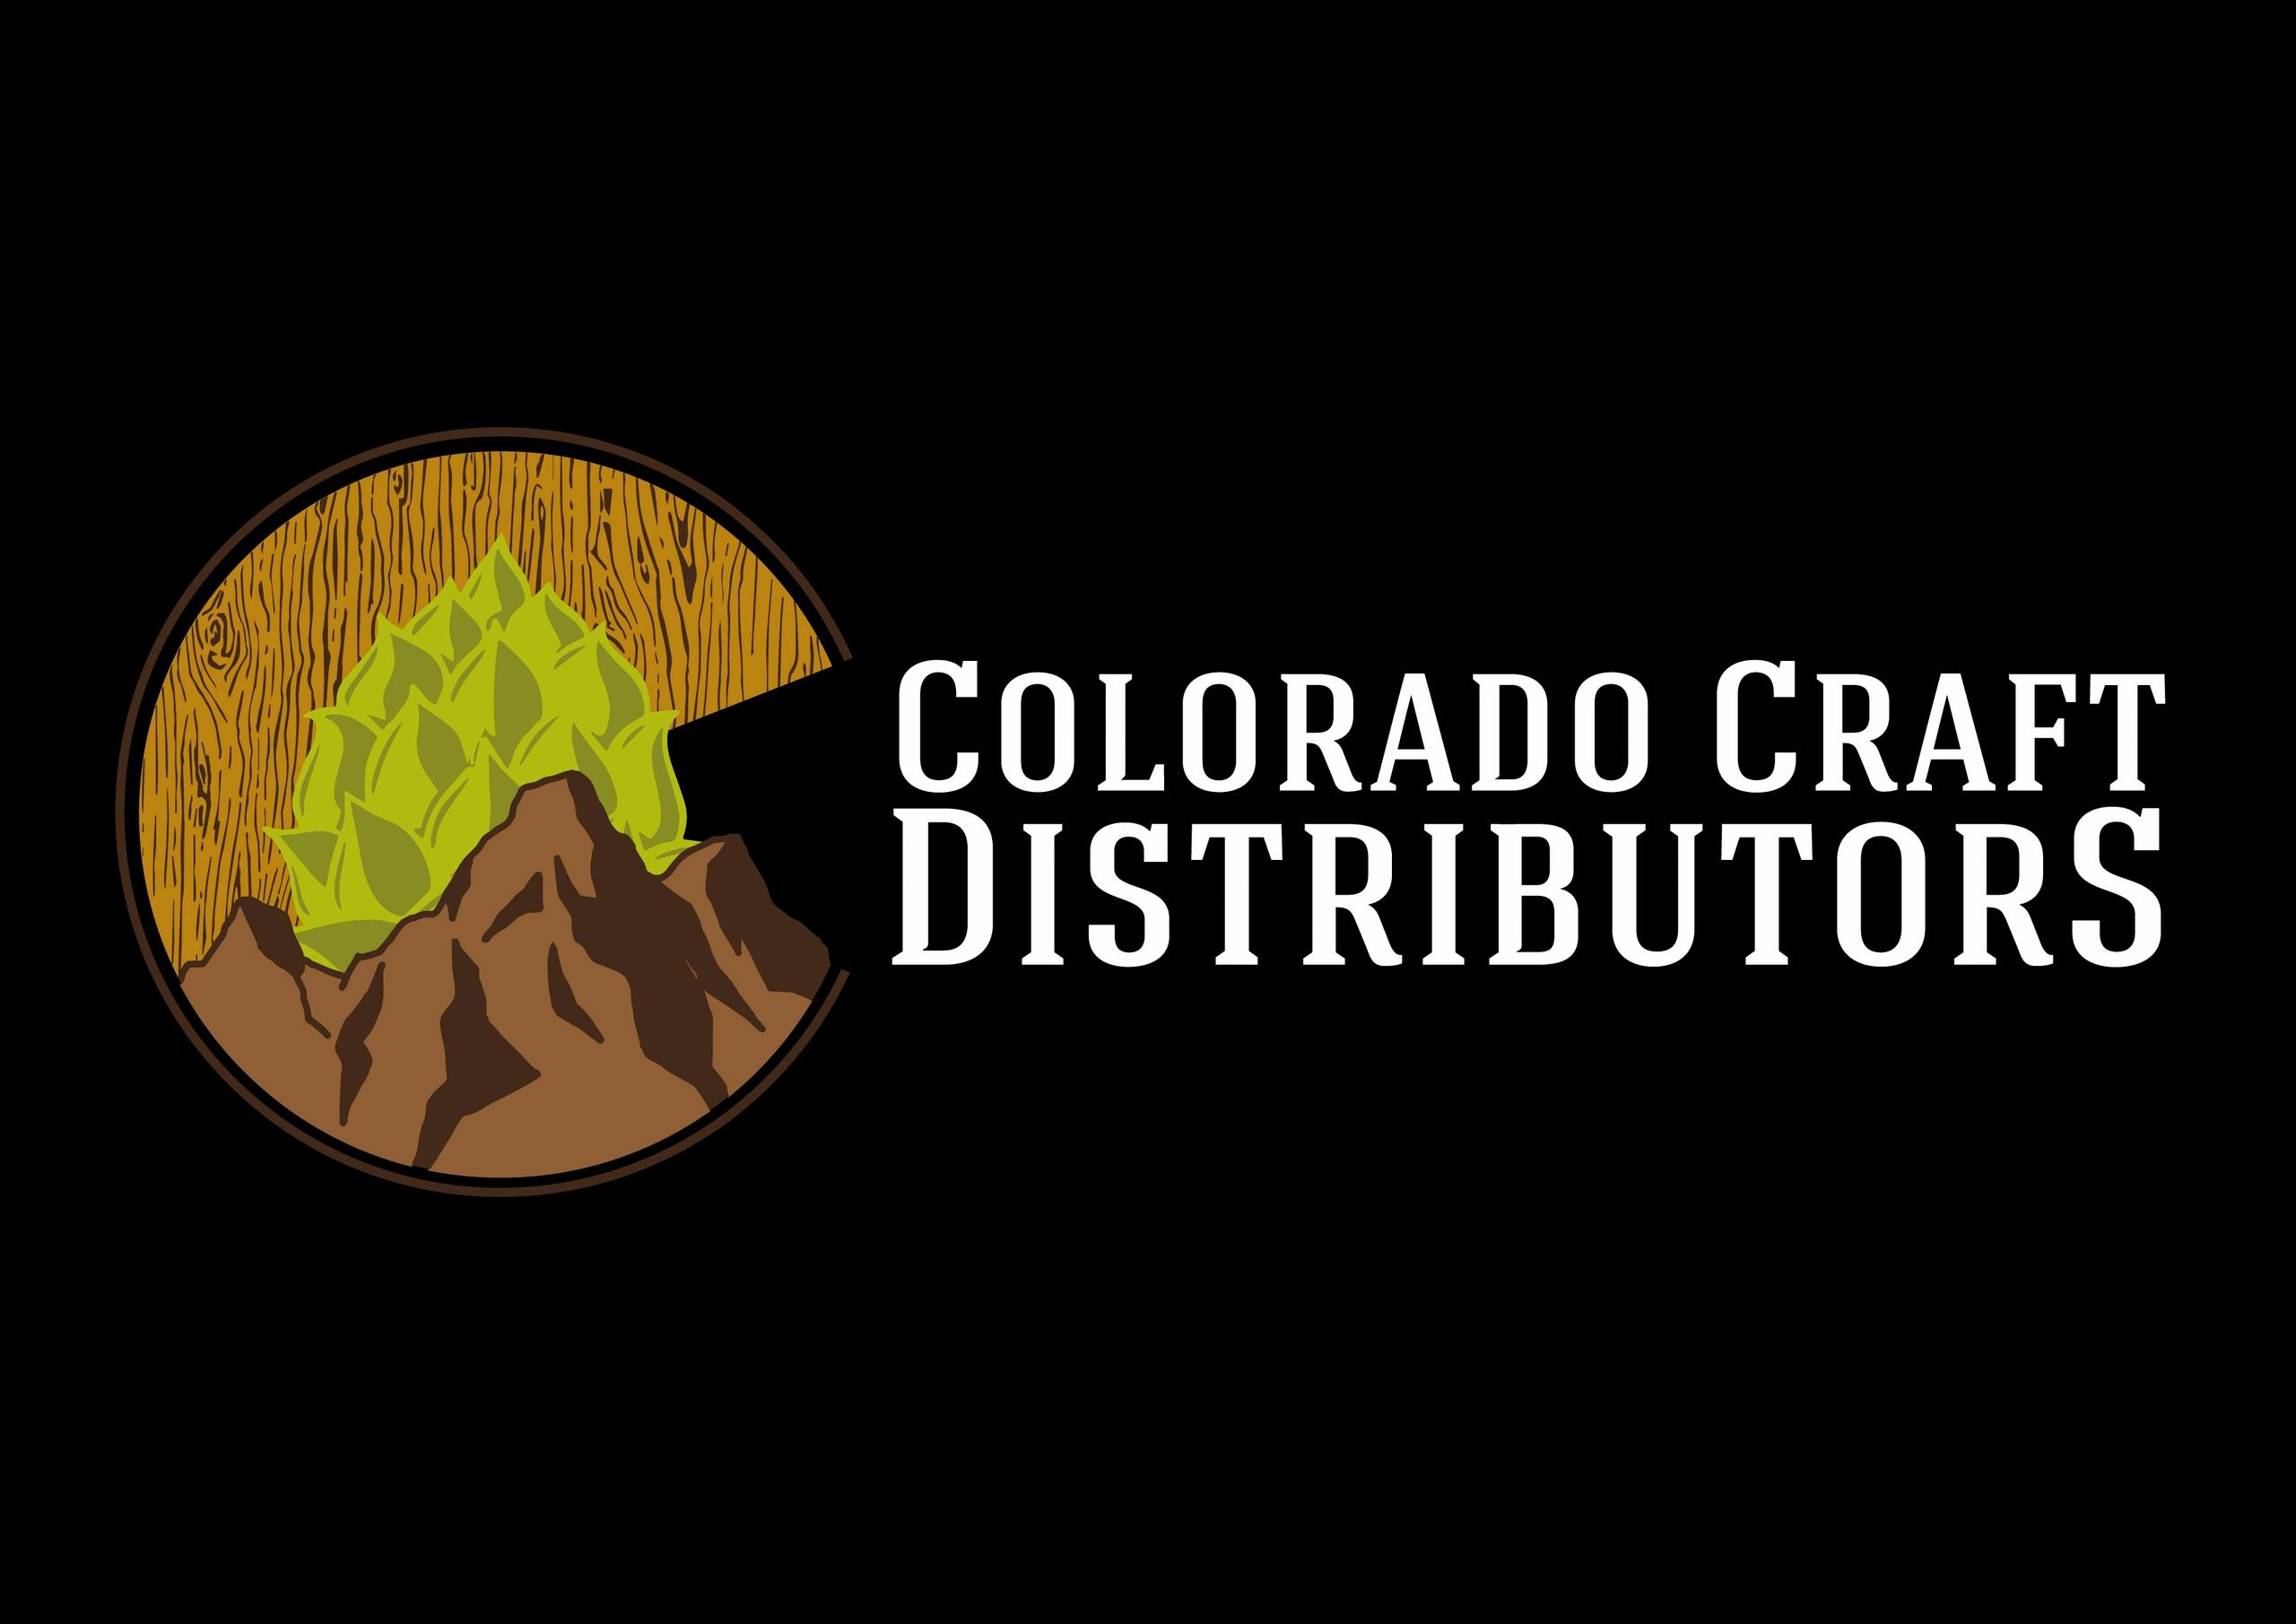 Colorado Craft Distributors